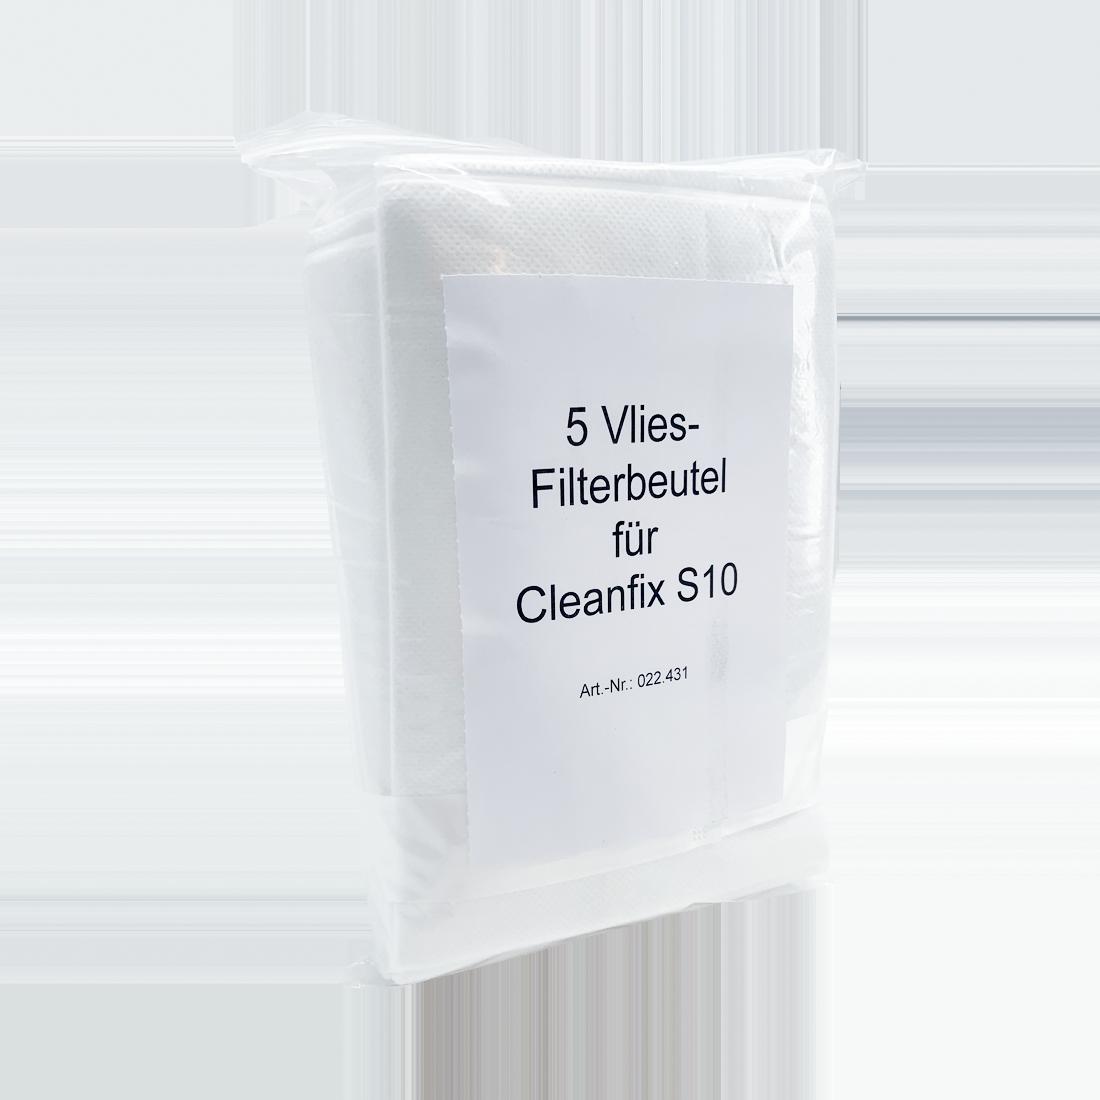 Vliesstaubbeutel für Cleanfix S10 Staubsauger, 5 Stück/Packung